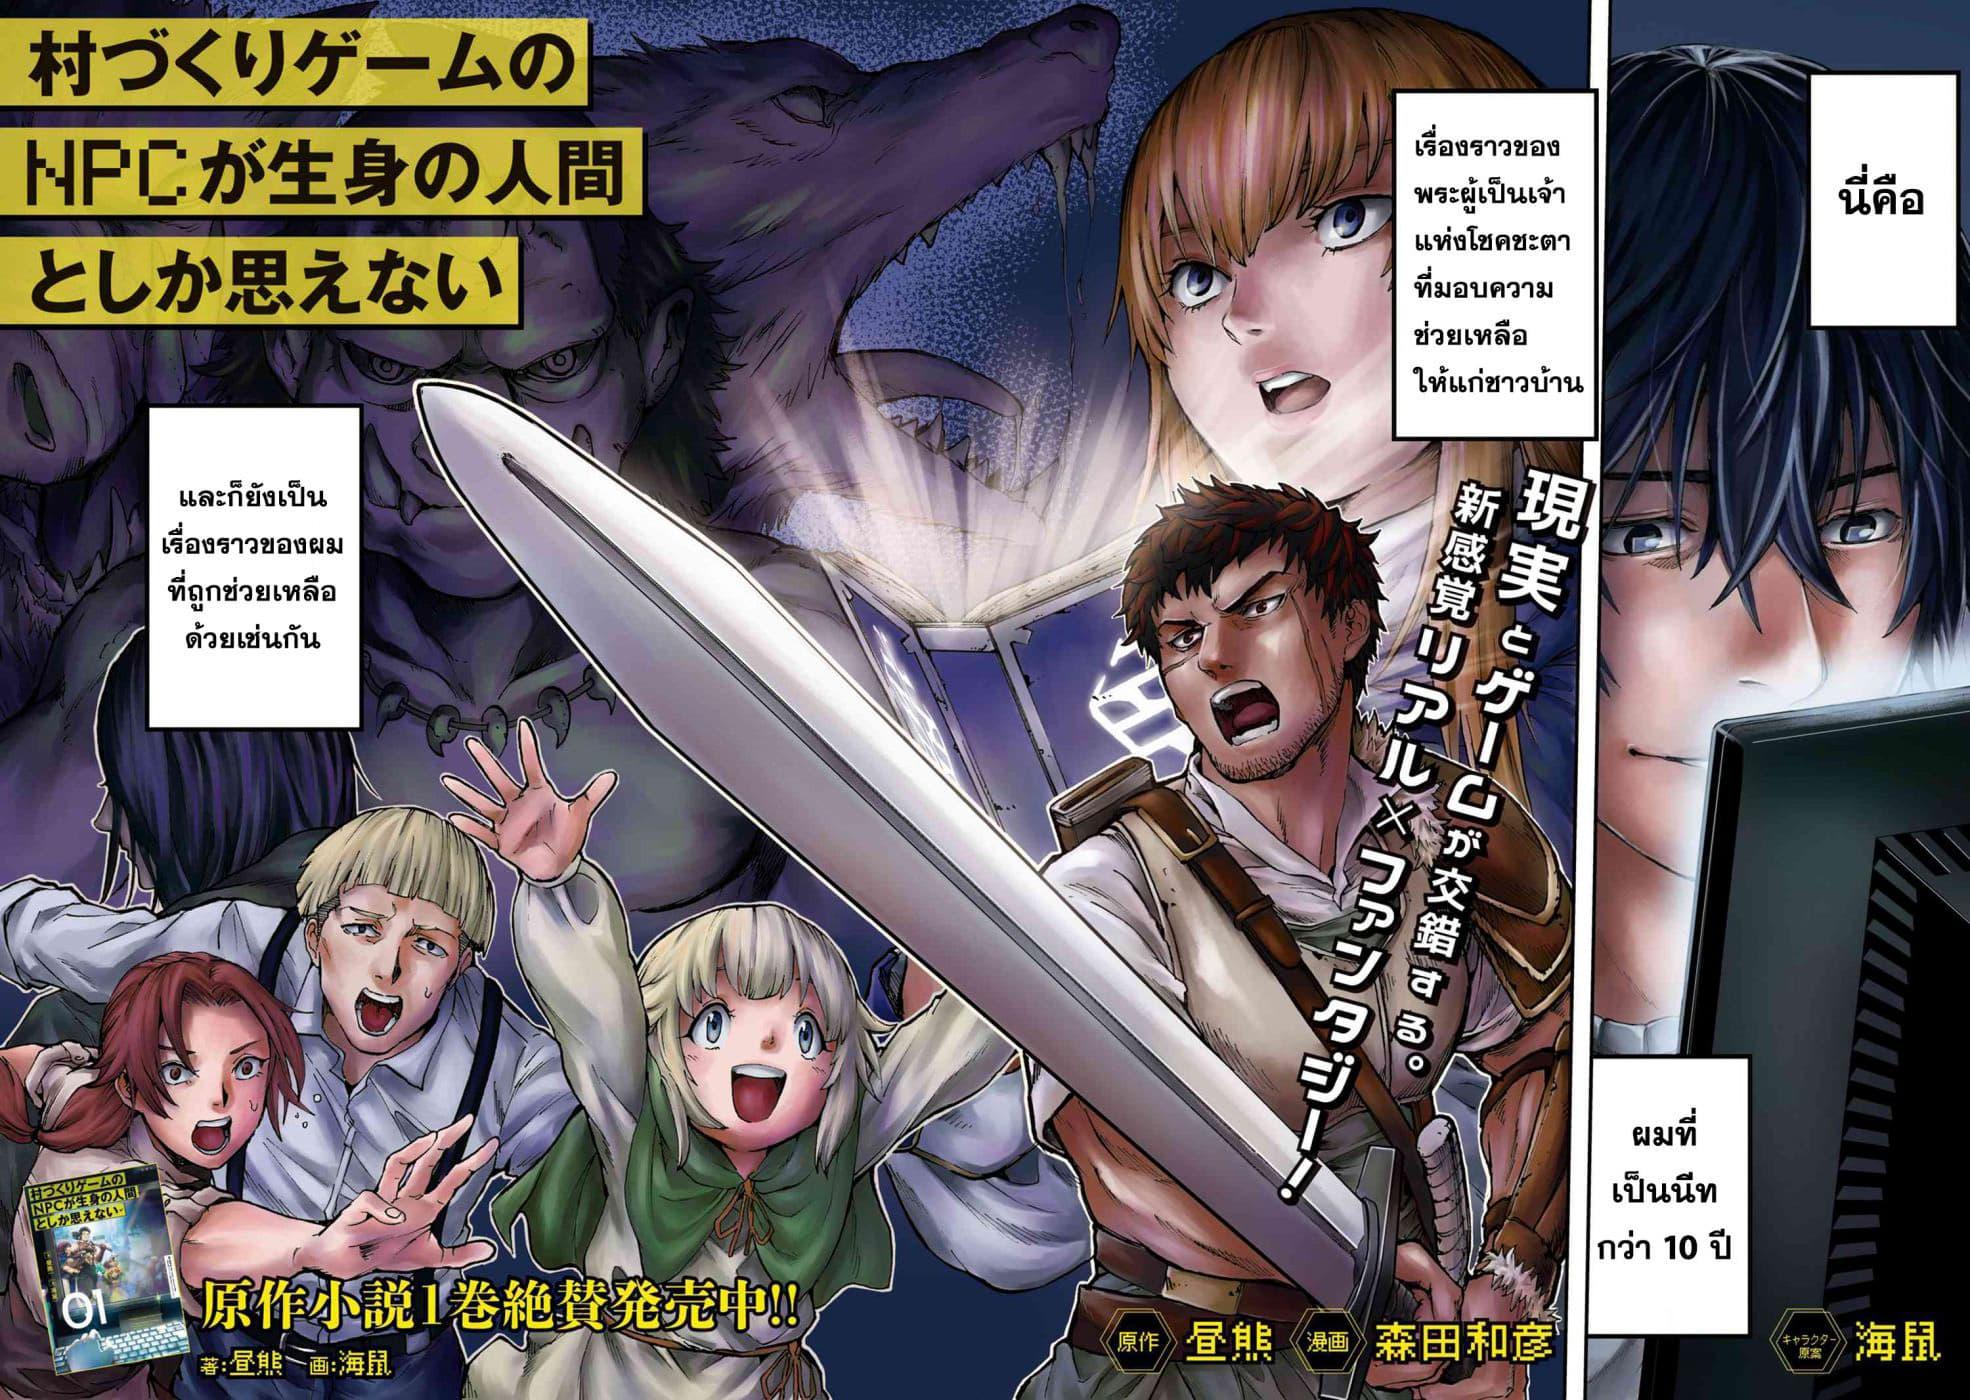 Murazukuri Game no NPC ga Namami no Ningen to Shika Omoe Nai ทดลองเป็นพระเจ้า